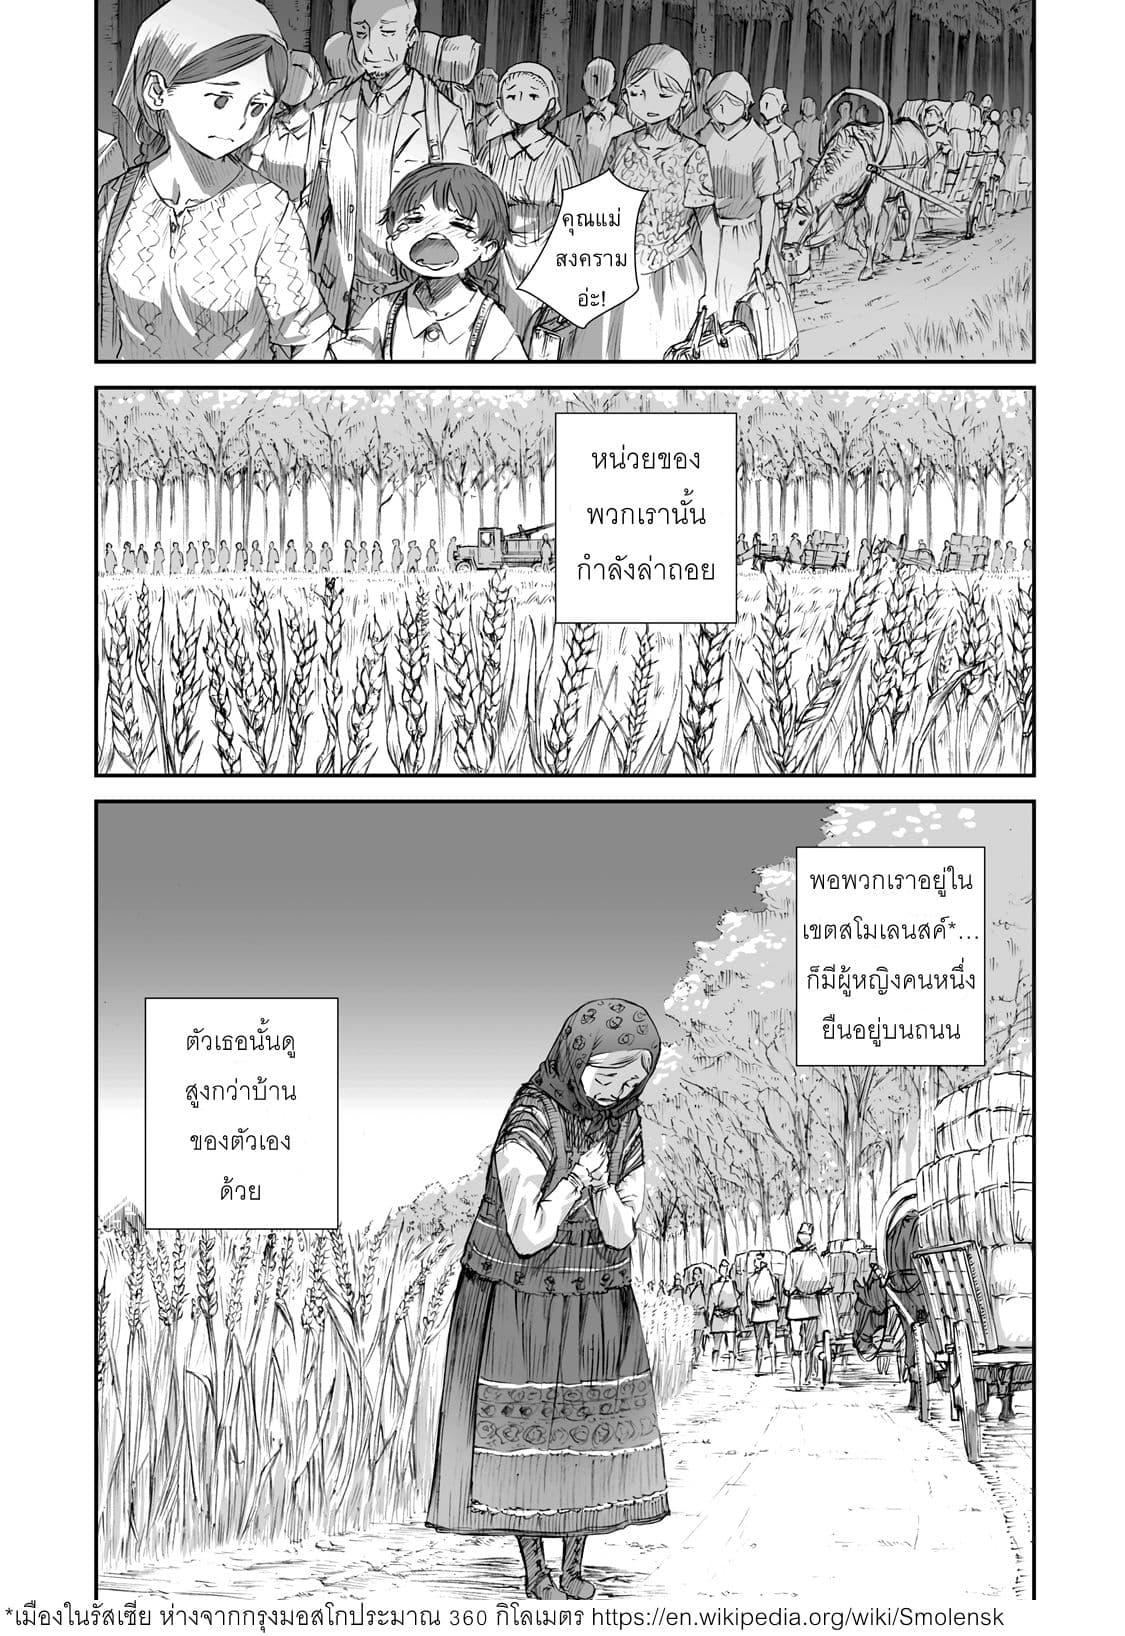 อ่านการ์ตูน Senso wa onna no kao o shite inai ตอนที่ 2 หน้าที่ 4